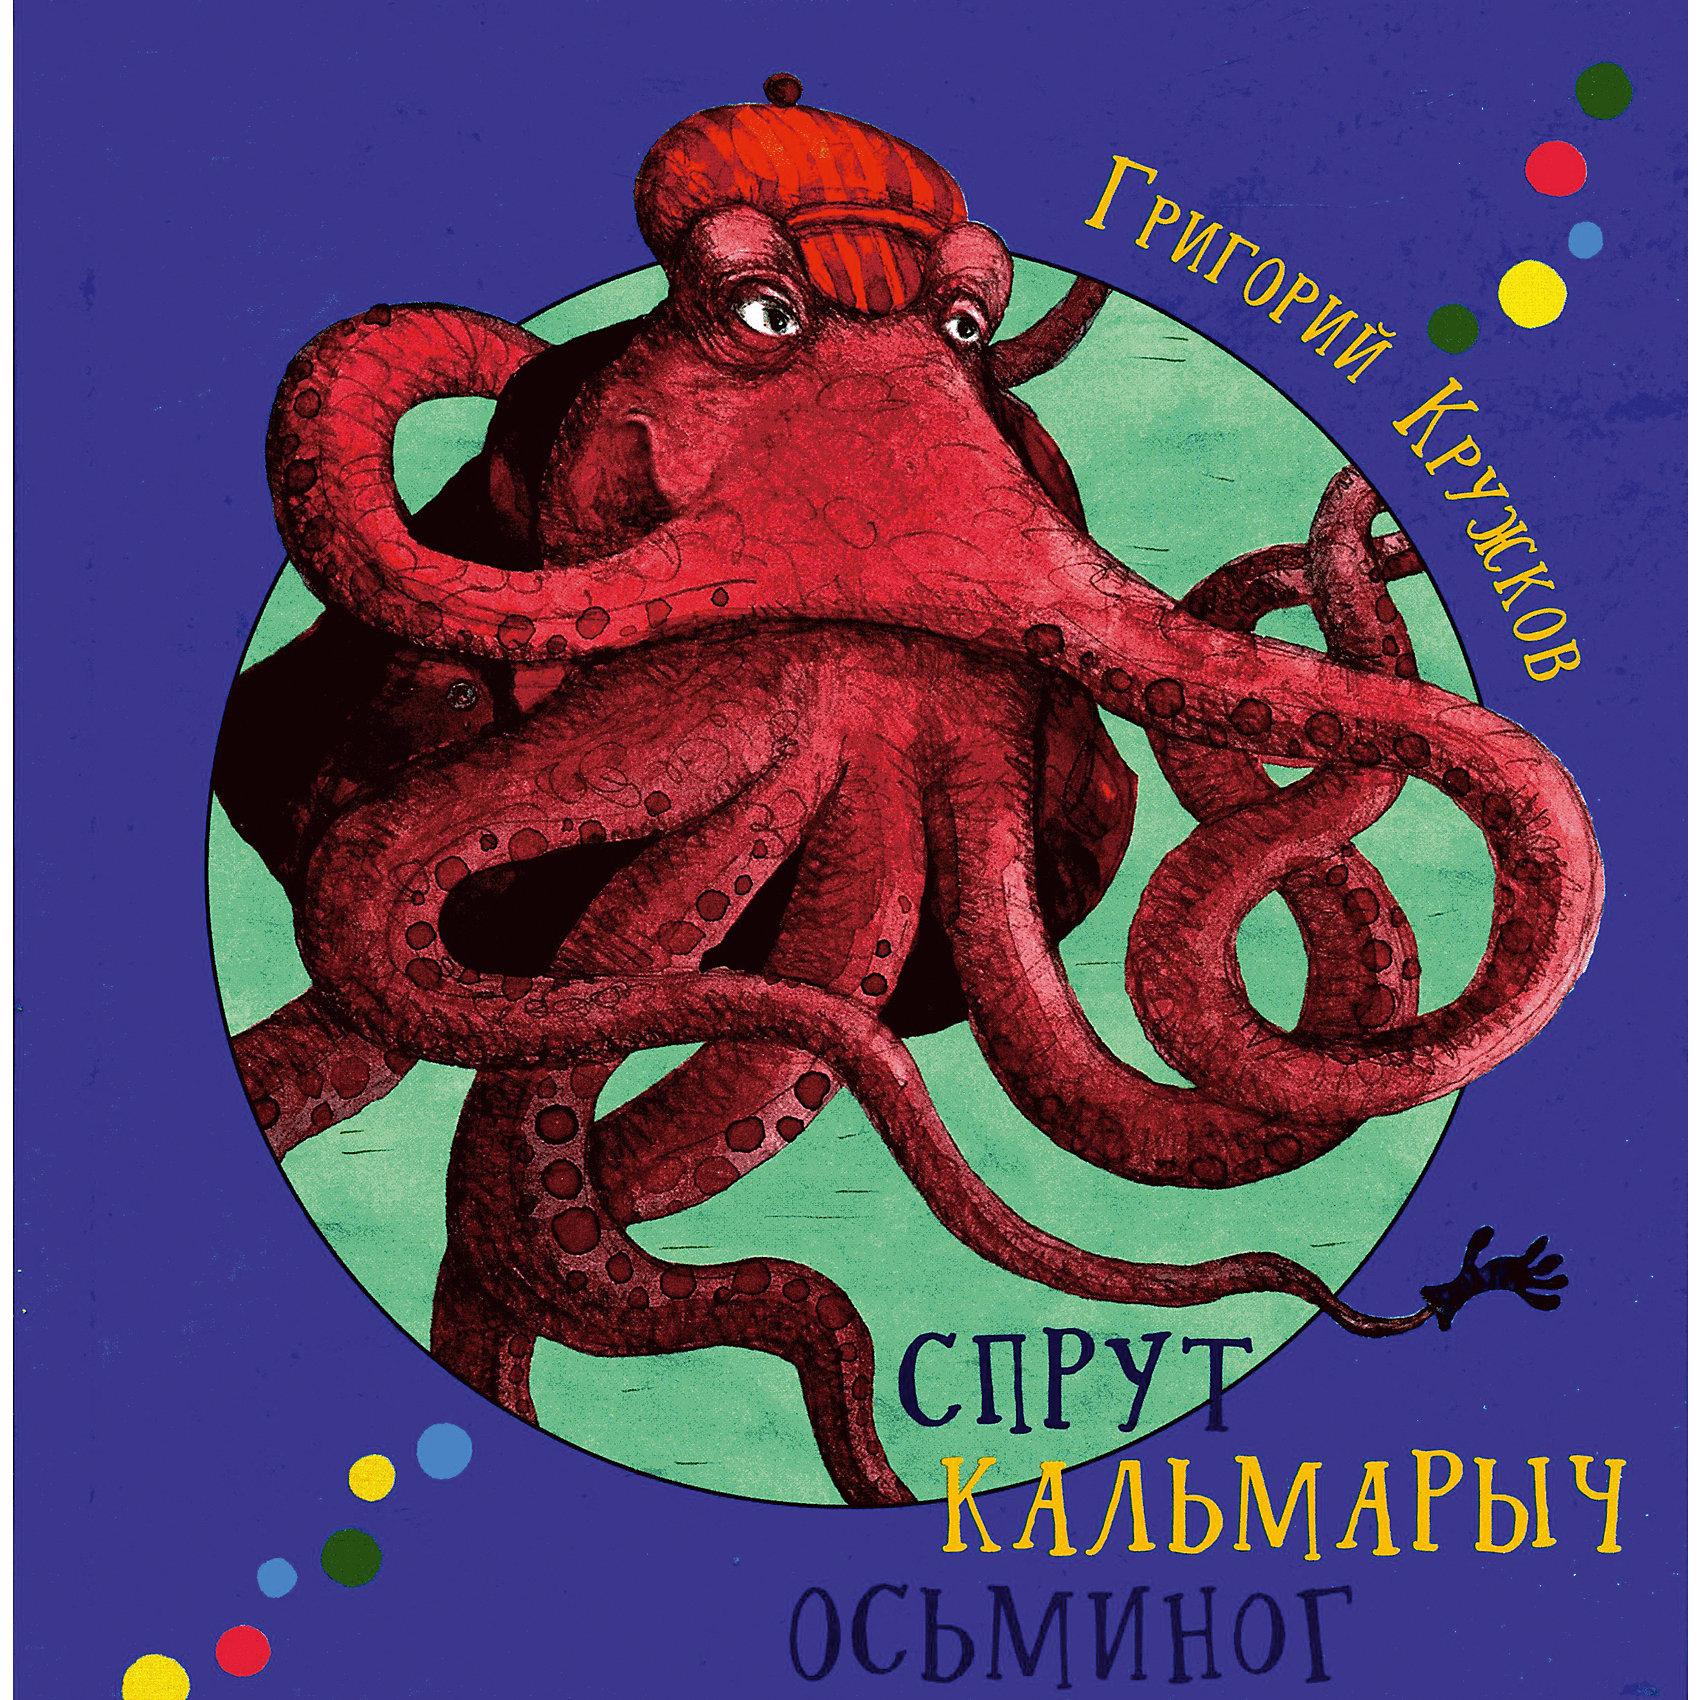 Октопус Спрут Кальмарыч Осьминог, Г. Кружков самаров с спрут